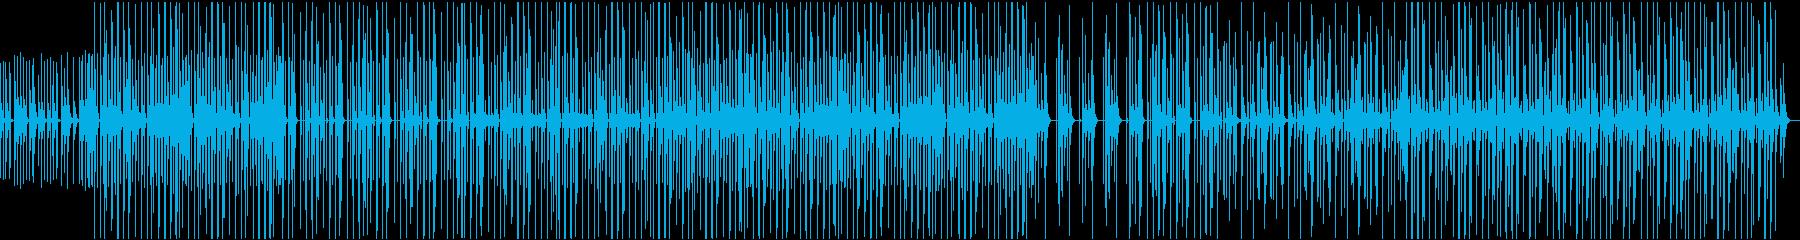 雨がポツンポツンと降るような可愛らしい曲の再生済みの波形